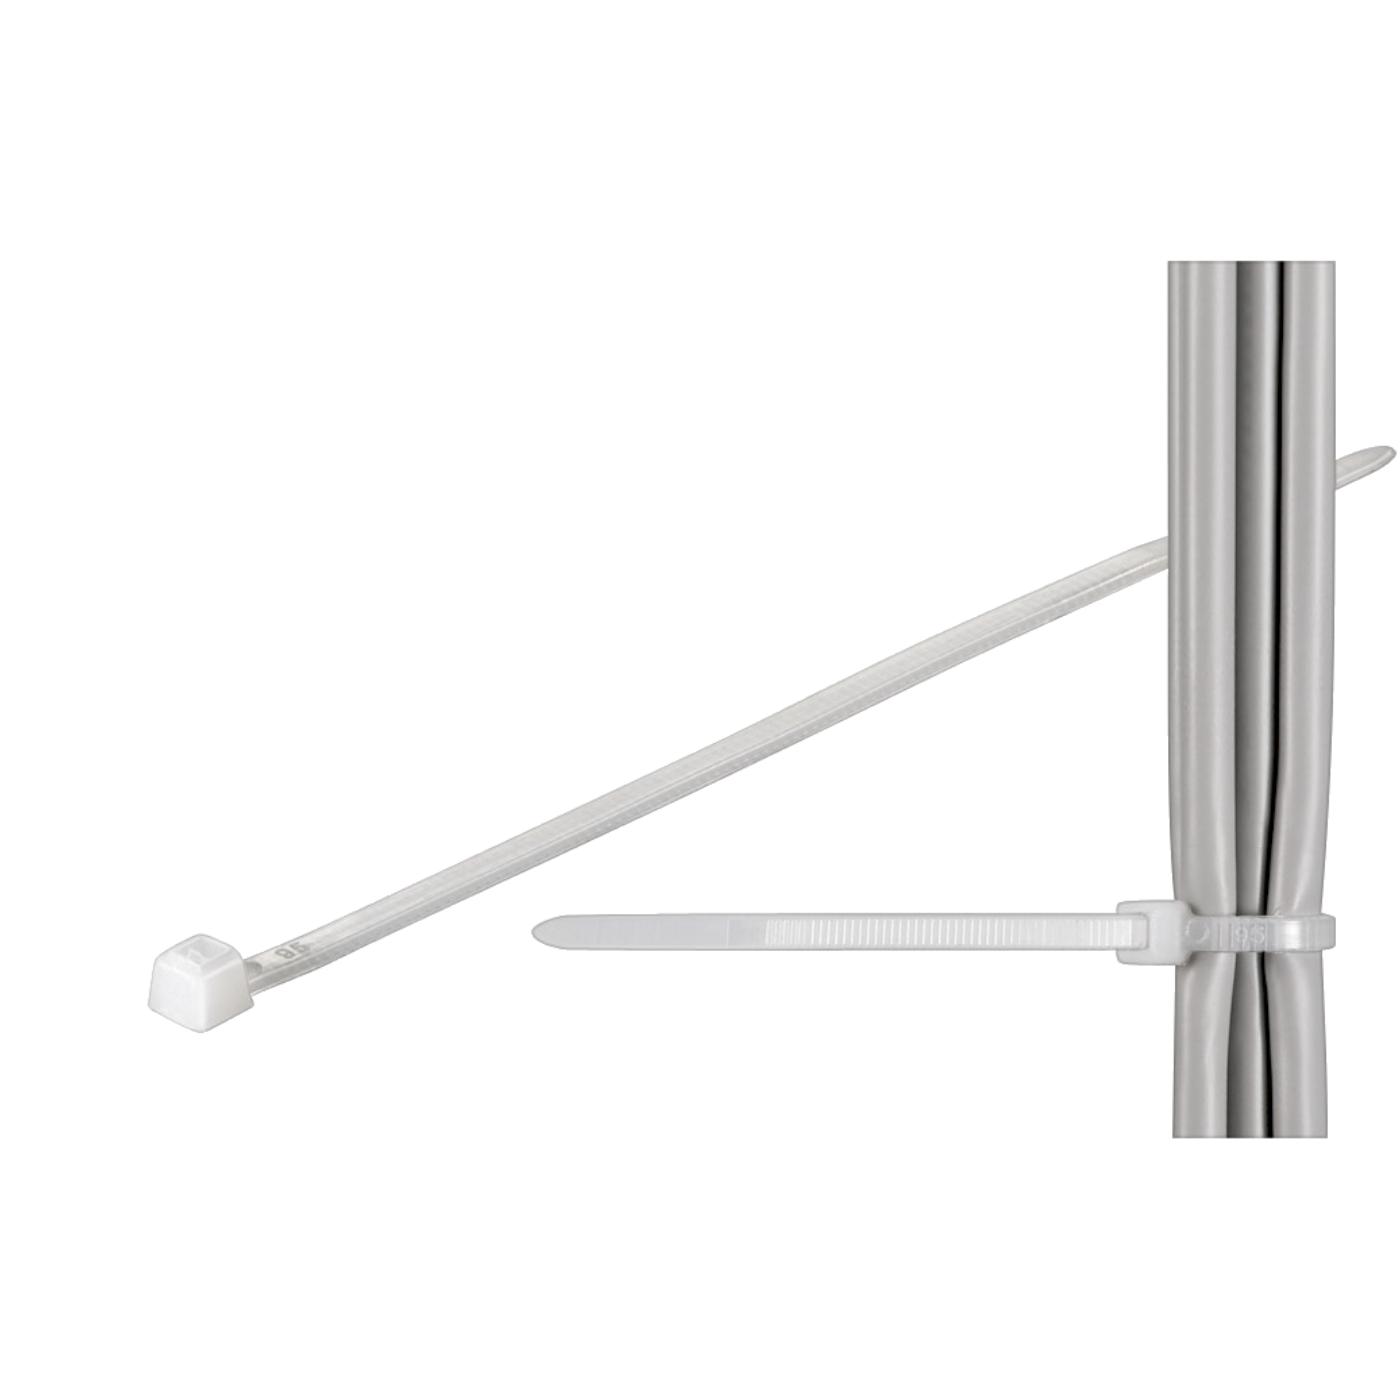 Plastične vezice 2.5 x 100, pak. 100 kom.